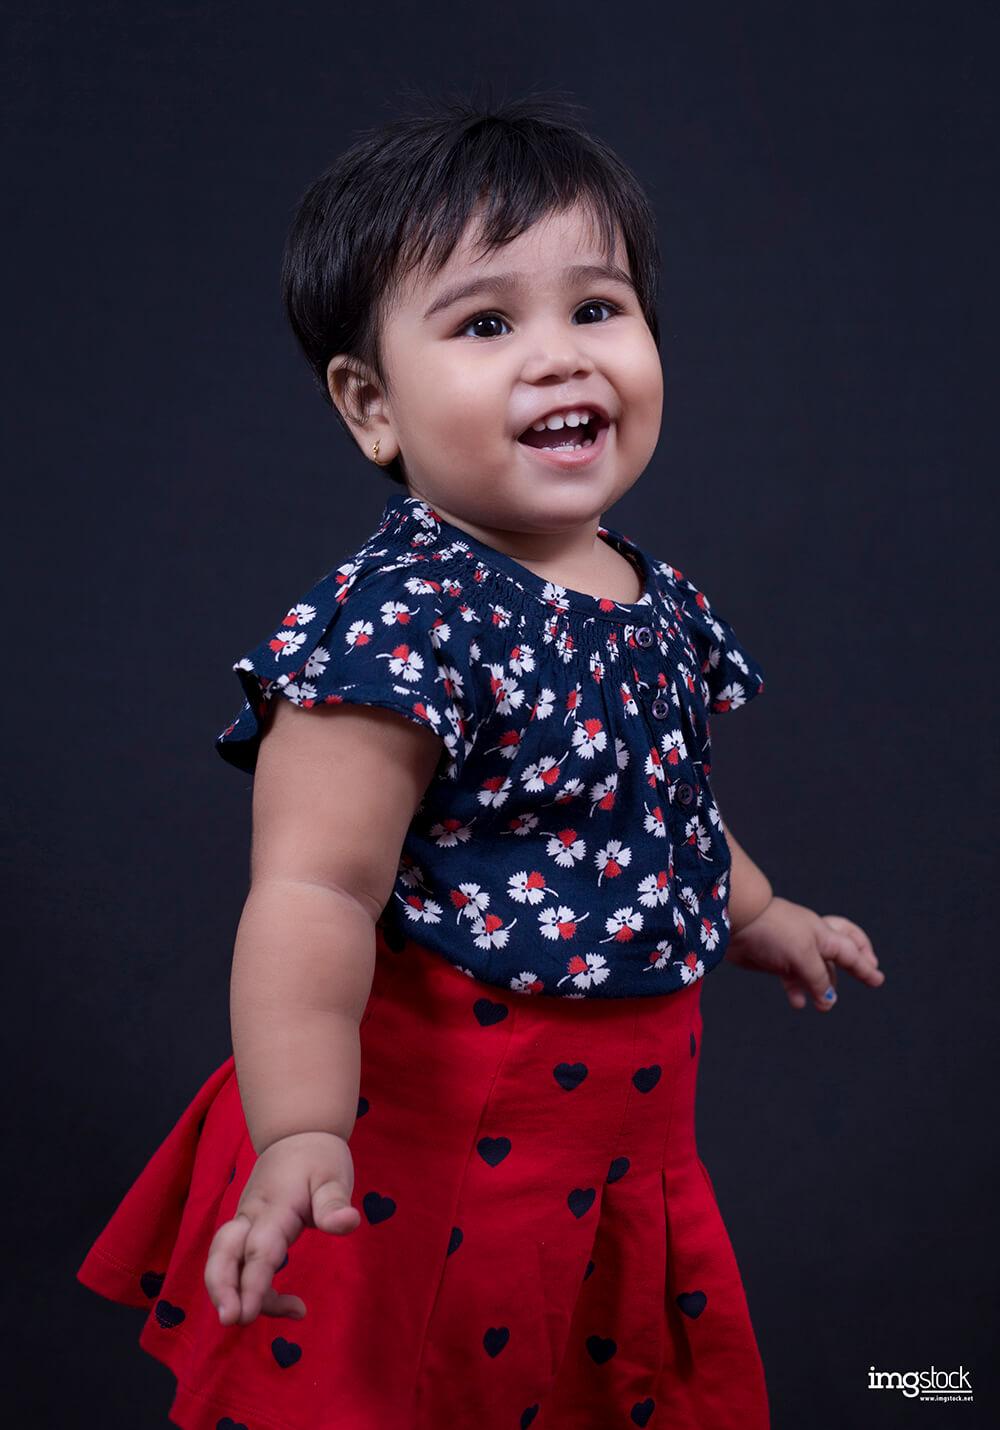 Baby Photoshoot - ImgStock, Biratnagar